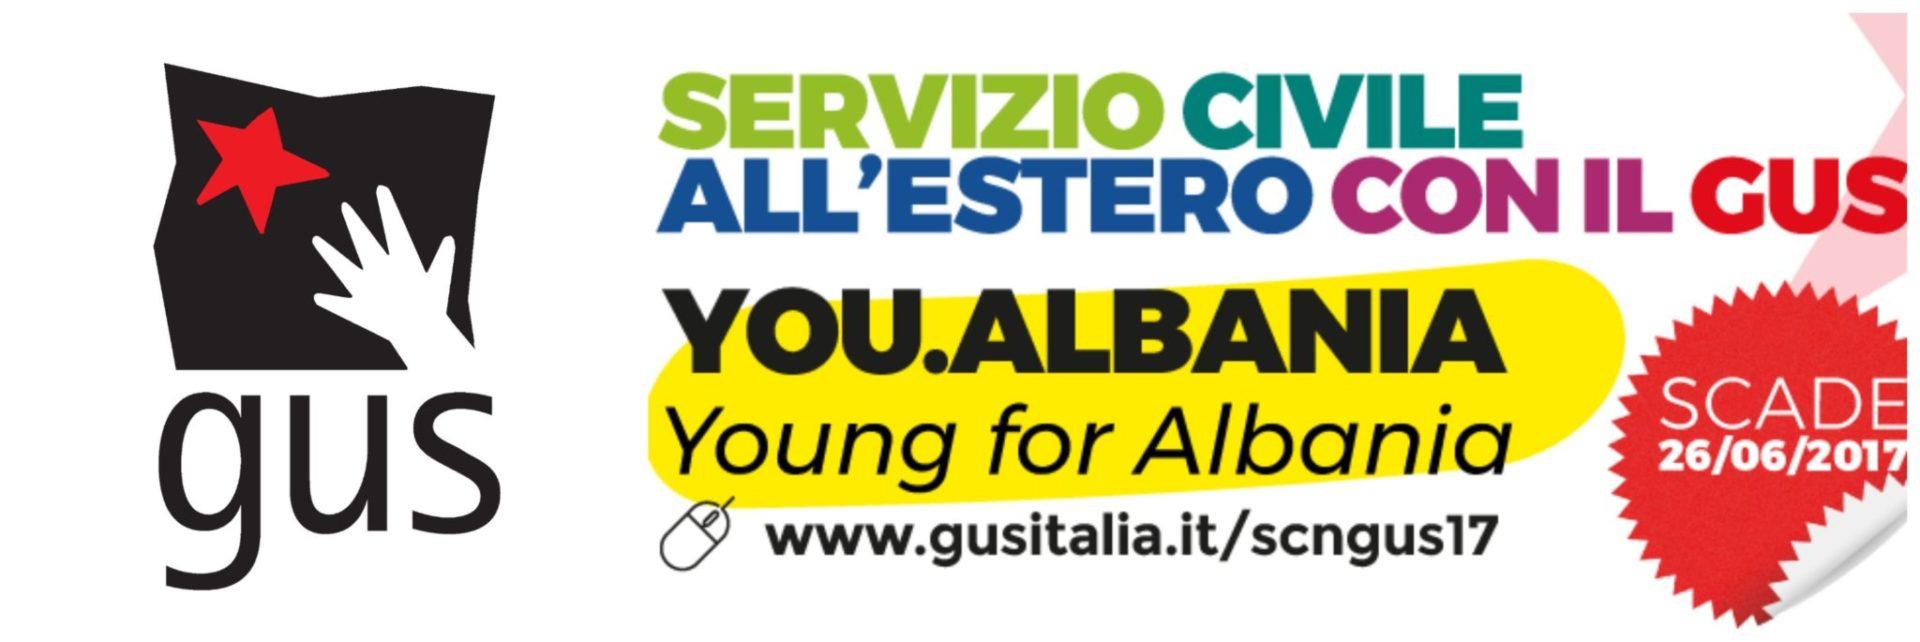 SERVIZIO CIVILE NAZIONALE ALL'ESTERO, IN ALBANIA